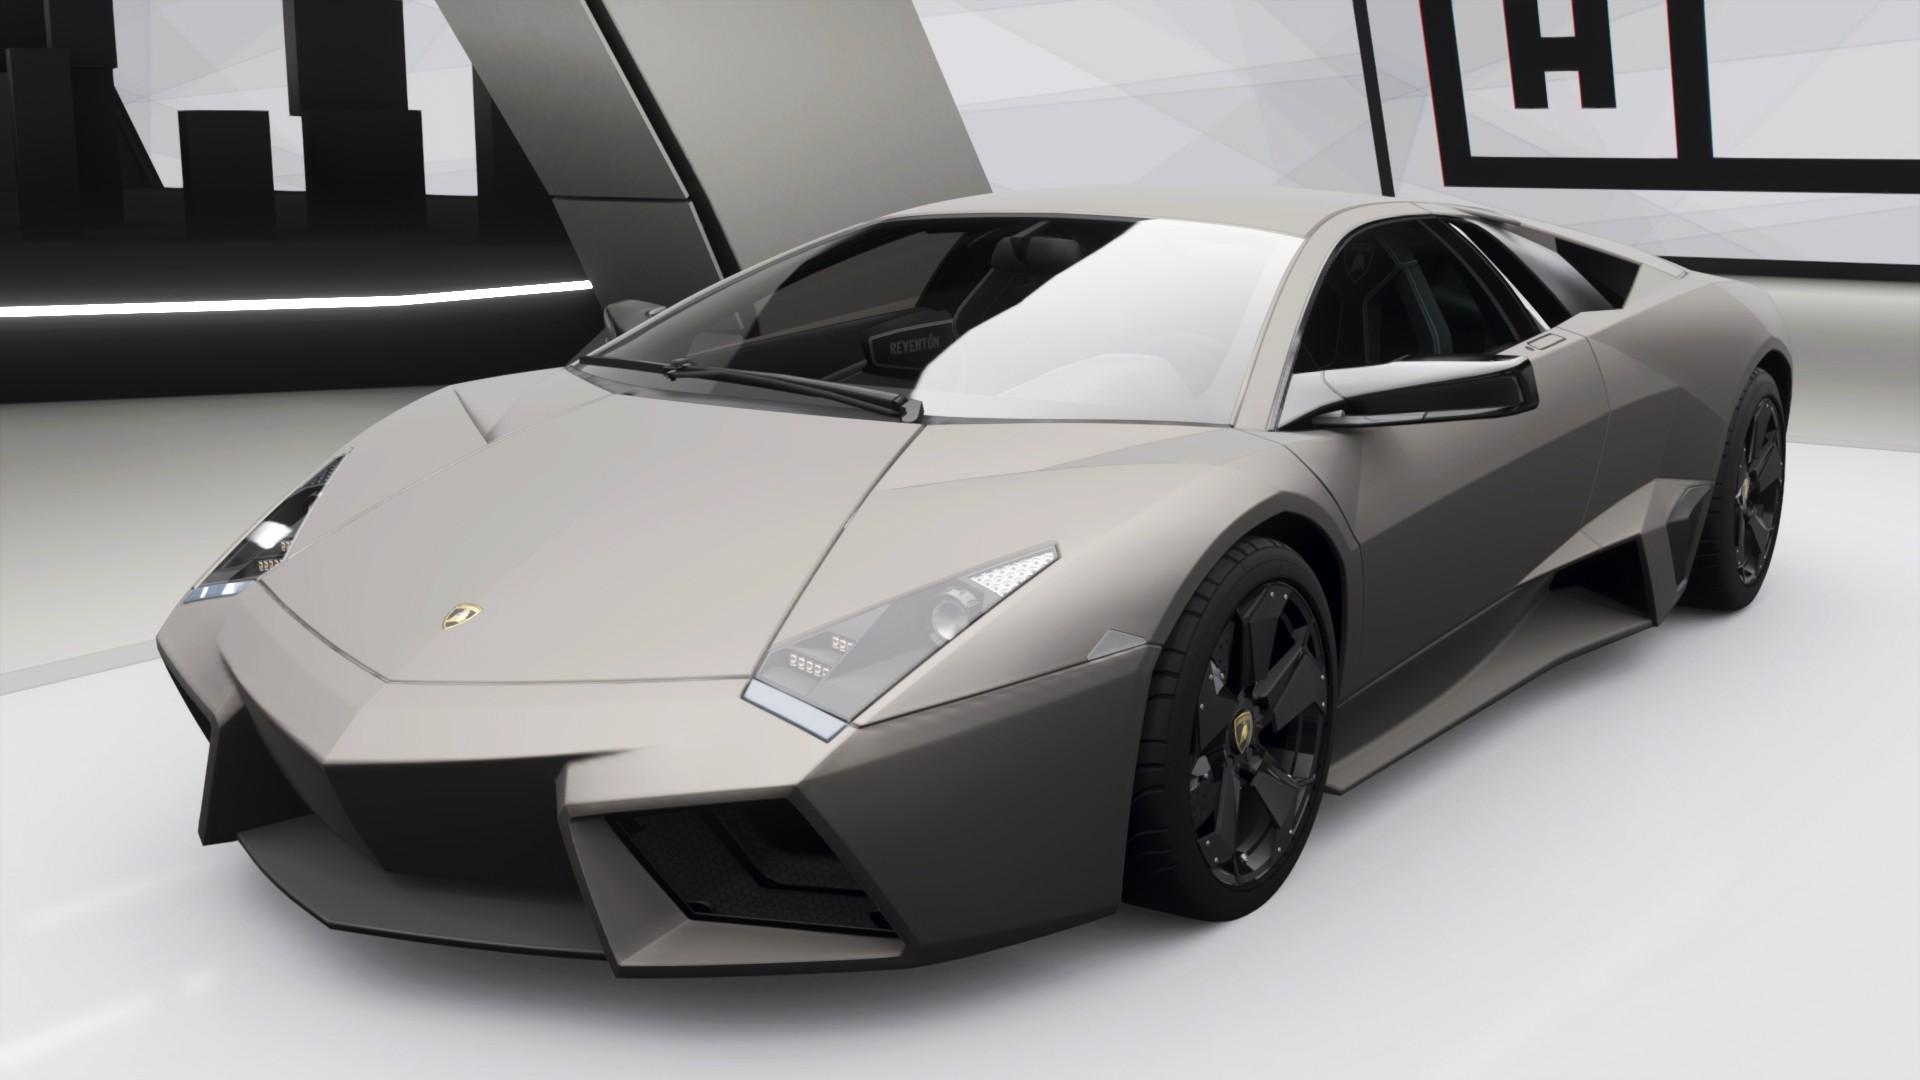 Man Nhan Với Những Sieu Xe Lamborghini độc Nhất Vo Nhị Infok Vn